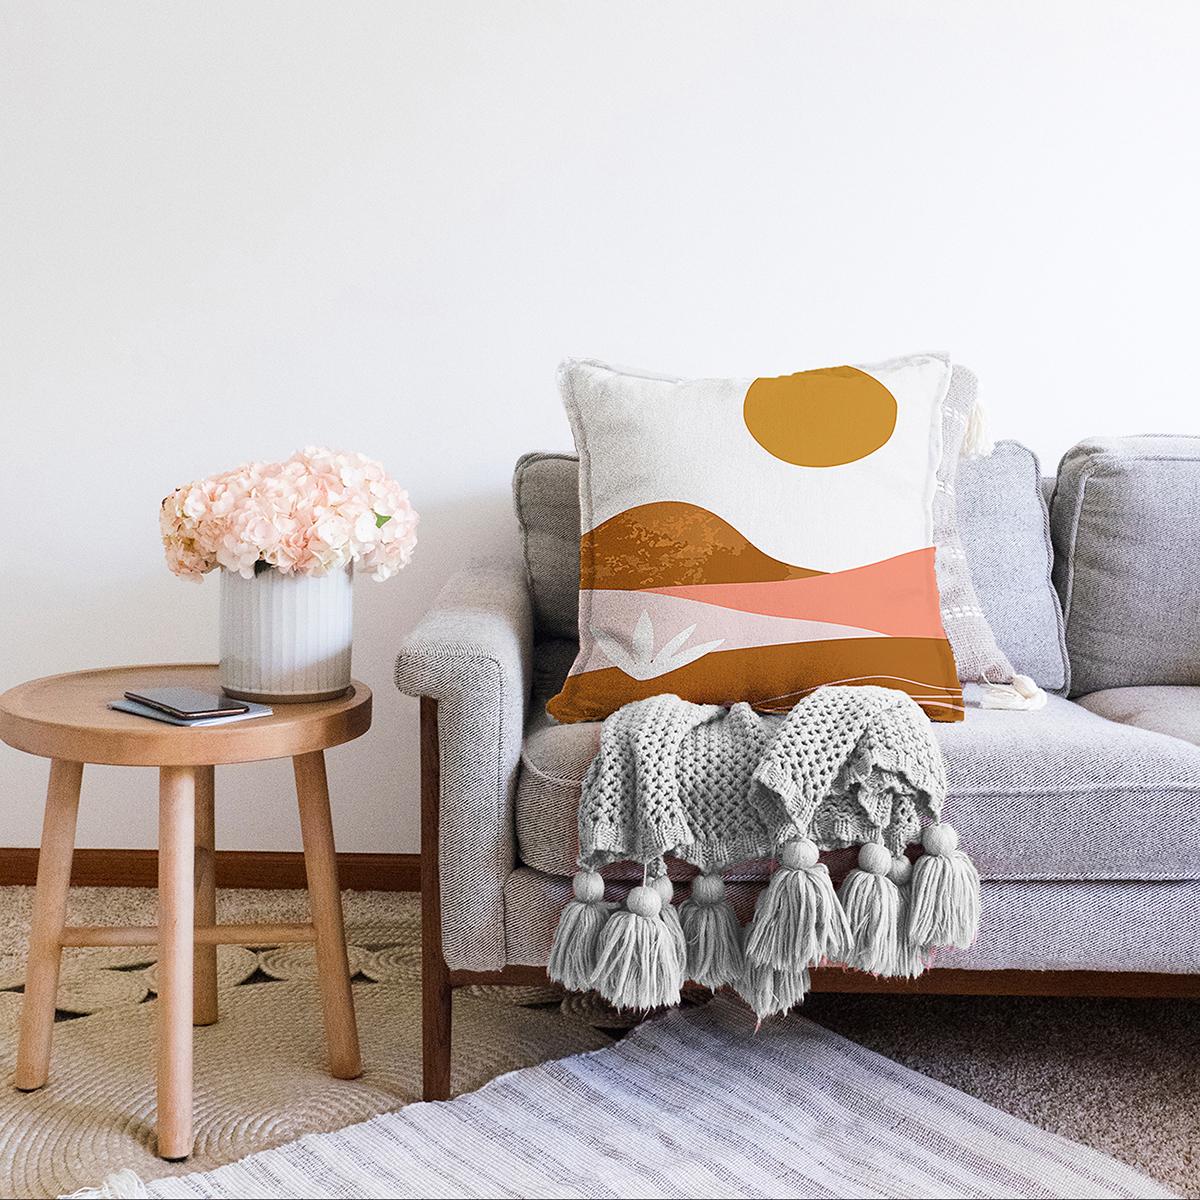 Çift Taraflı Pastel Renkli Zeminli Onedraw Çizimli Dijital Baskılı Modern Şönil Yastık Kırlent Kılıfı Realhomes